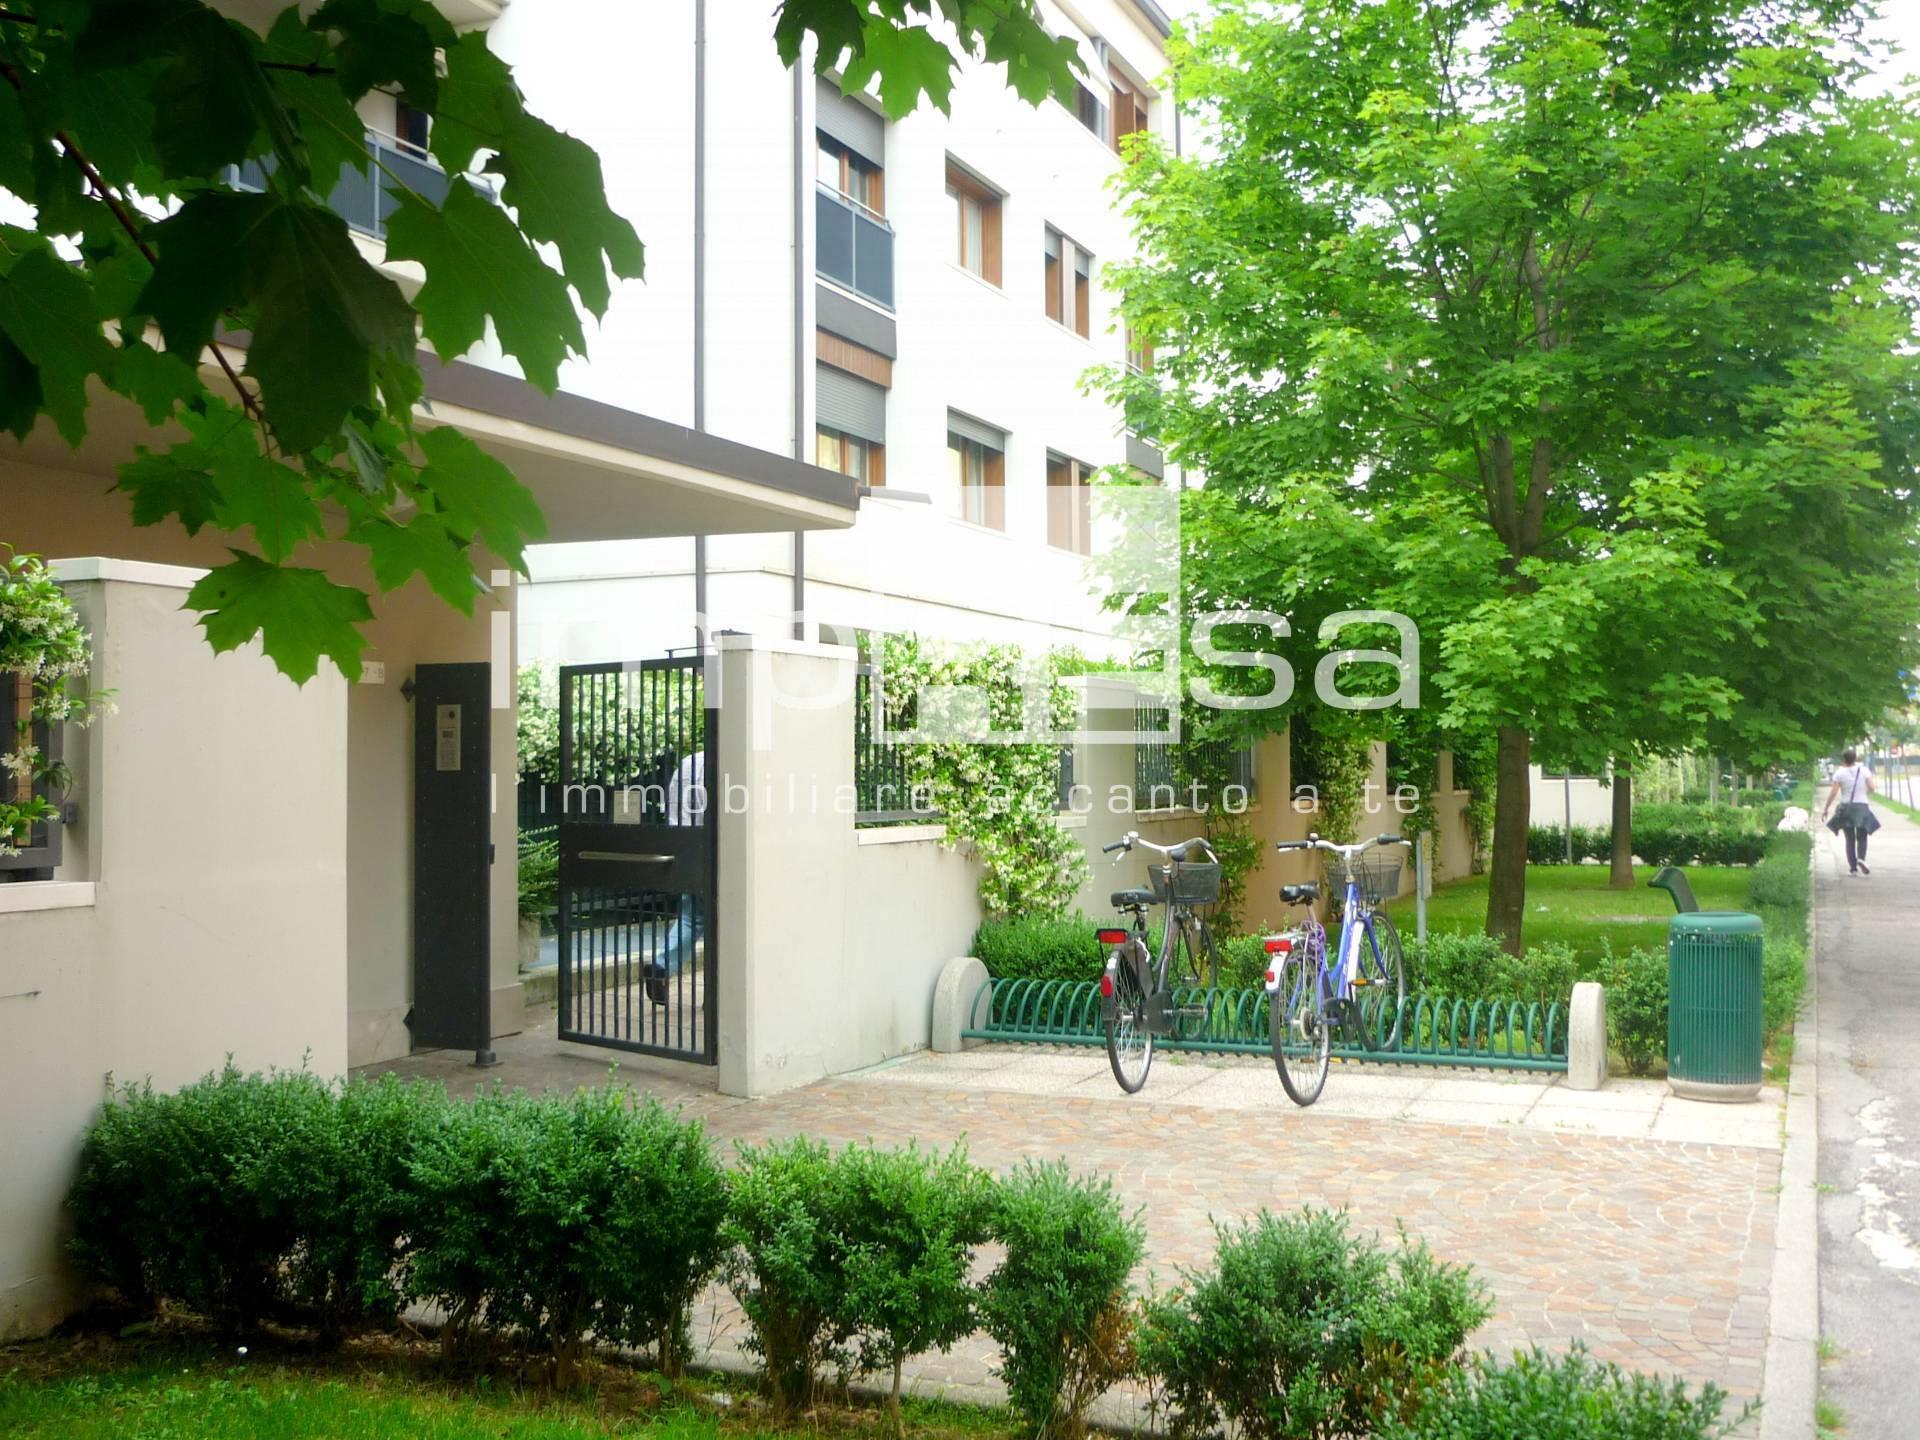 Appartamento in vendita a Treviso, 4 locali, zona io, prezzo € 290.000   PortaleAgenzieImmobiliari.it